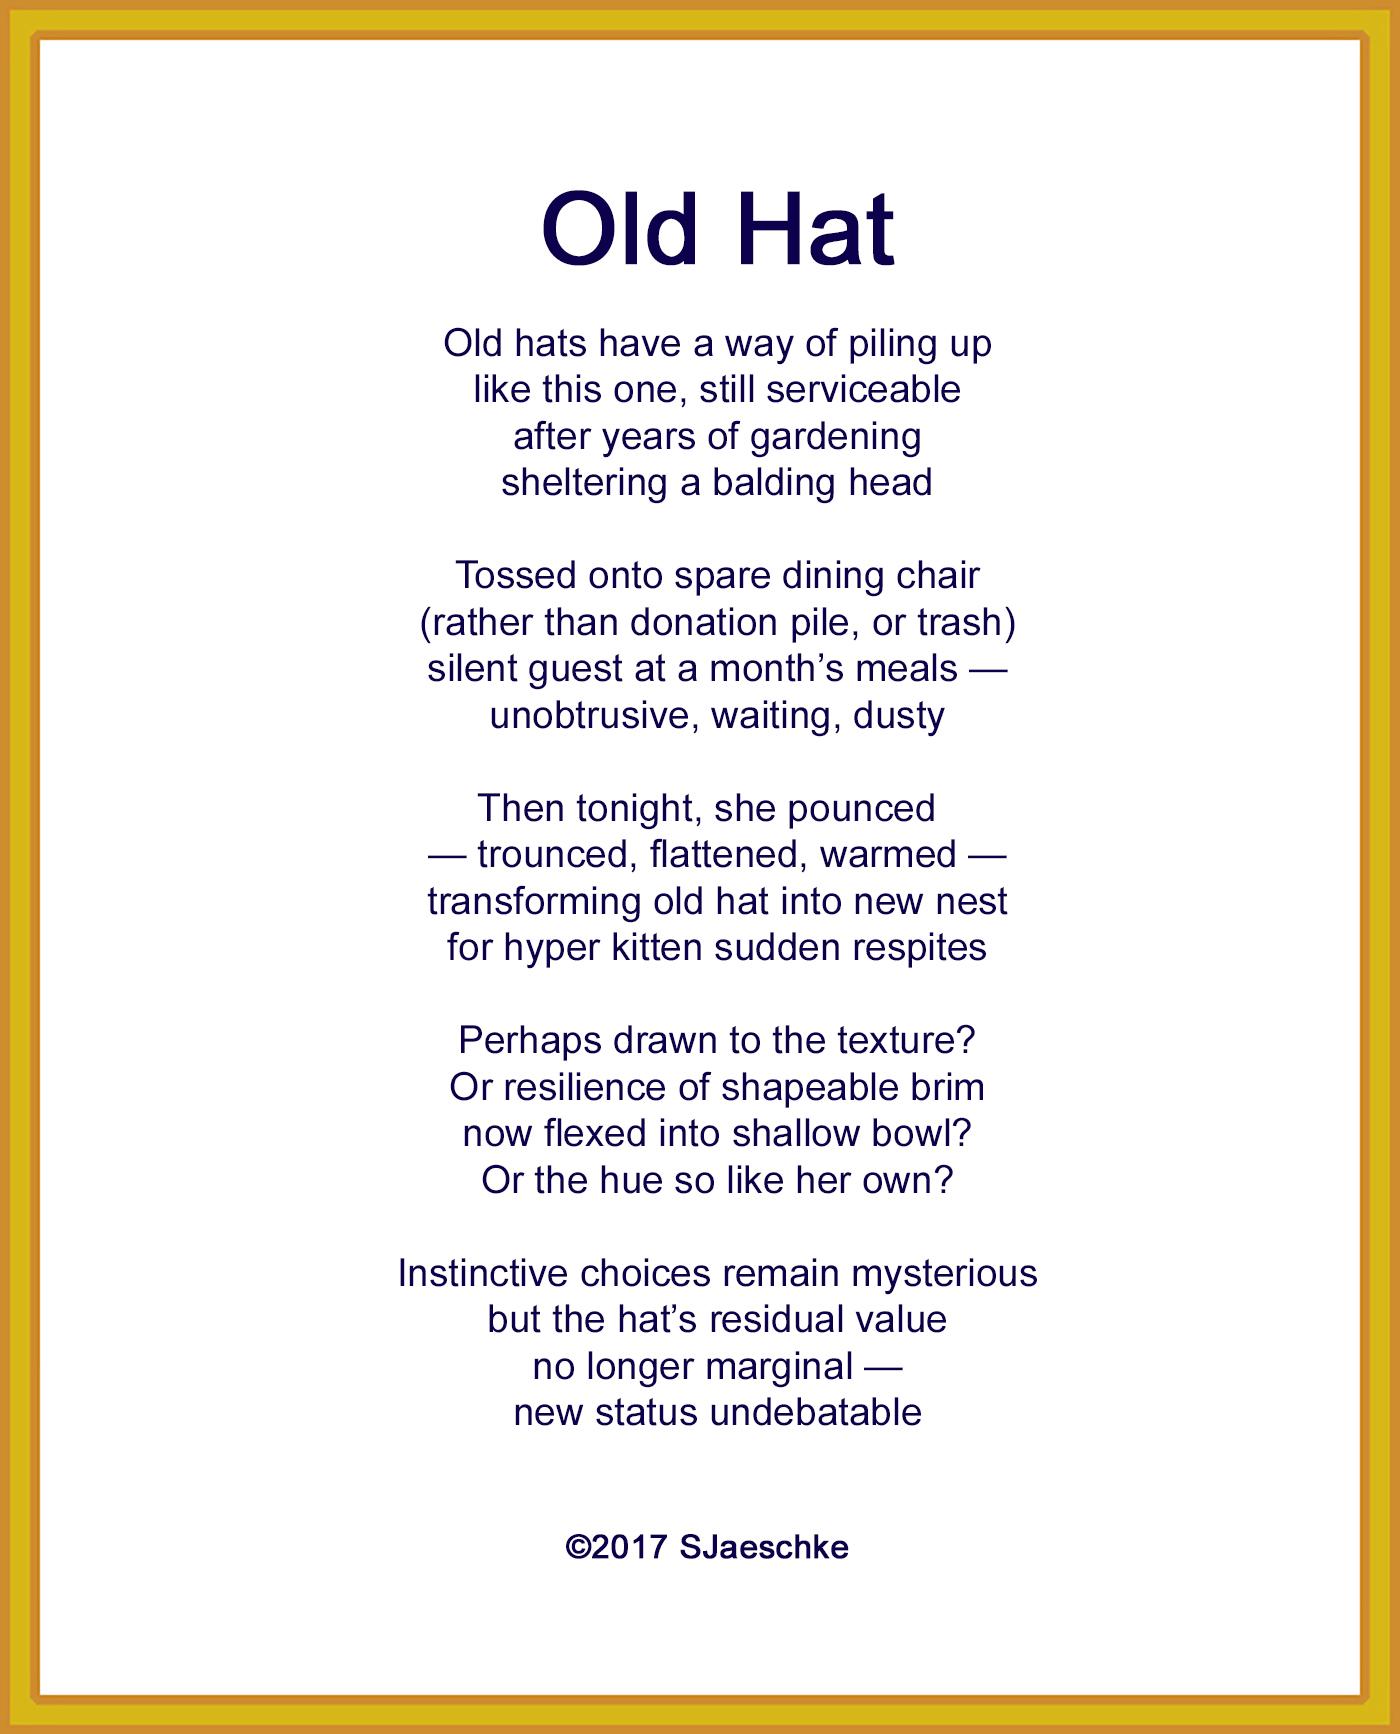 Post_2017-11-09_Poem_OldHat